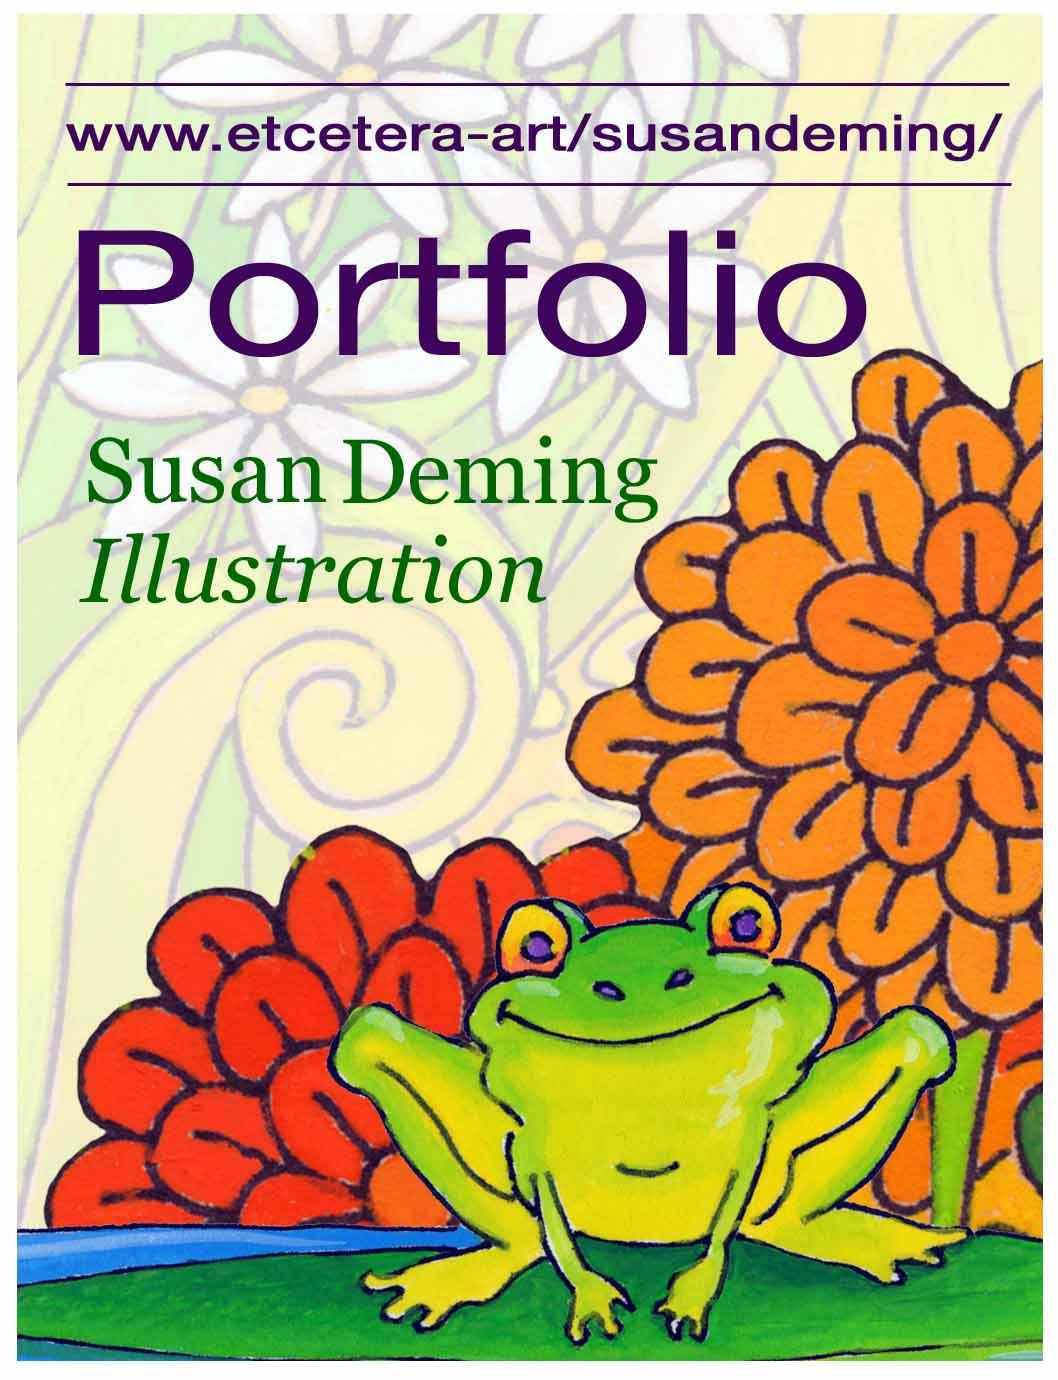 frog website flyer 2.jpg